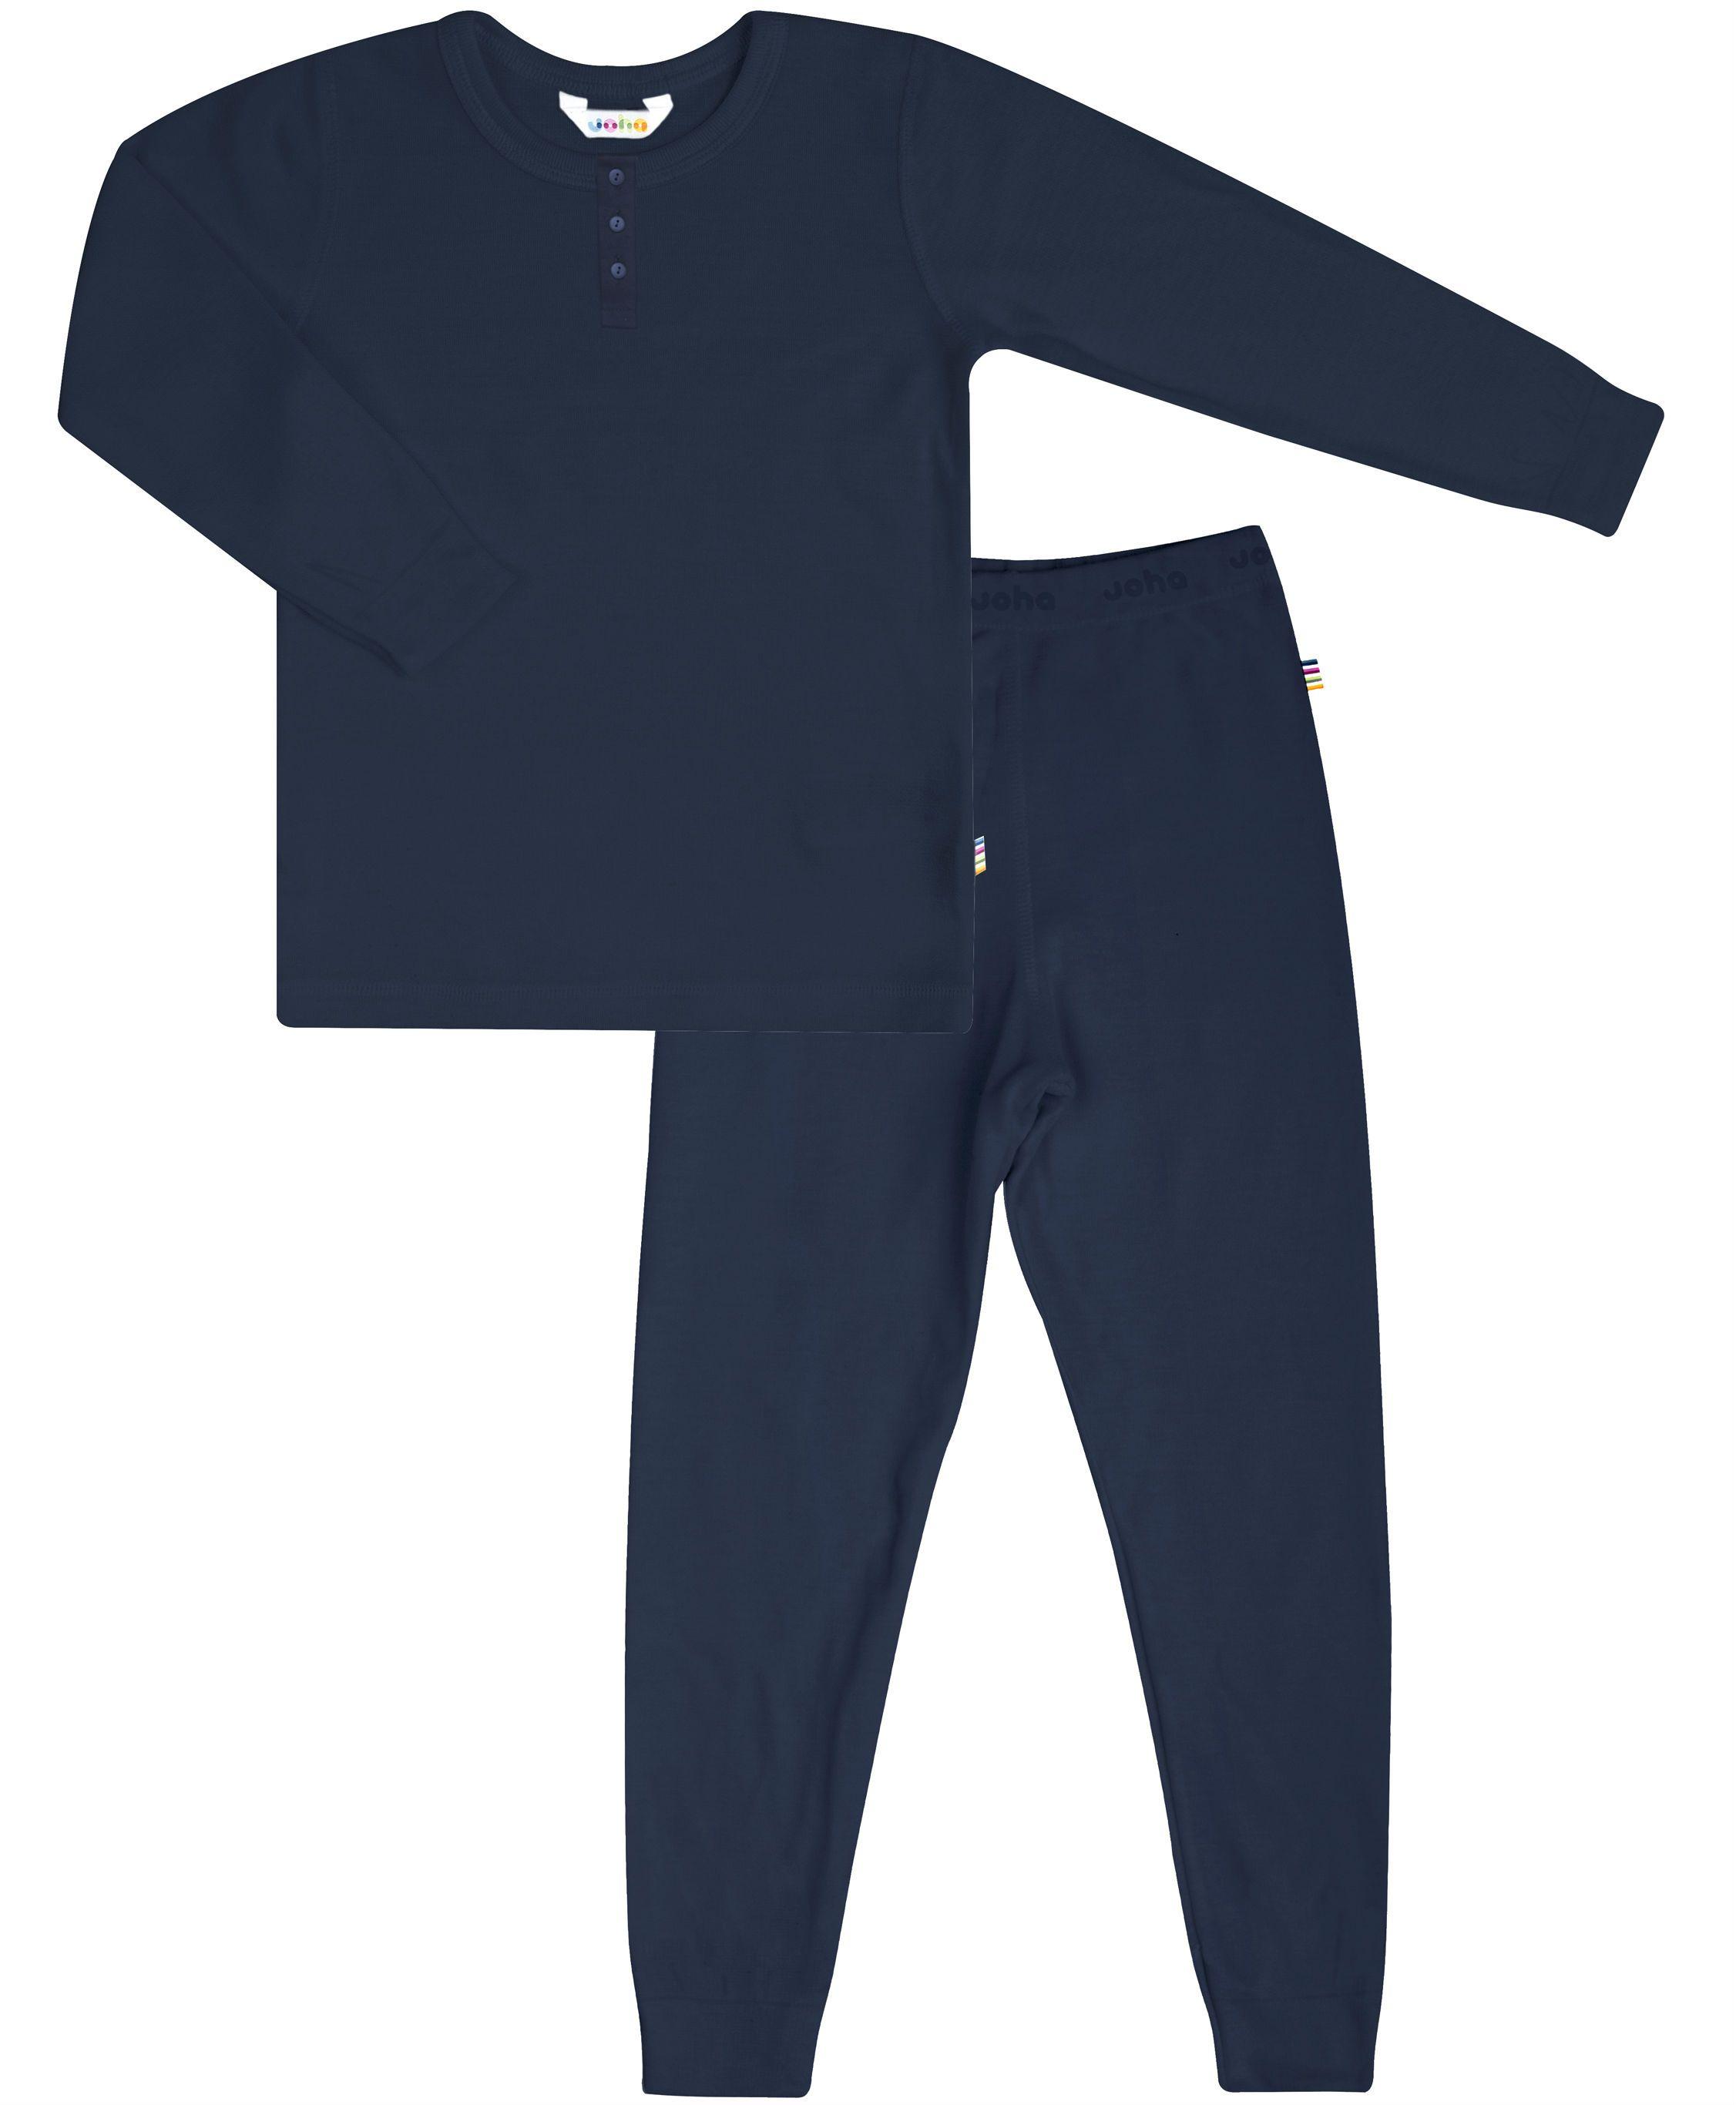 Image of   Pyjamas fra Joha - Bambus - Mørkeblå